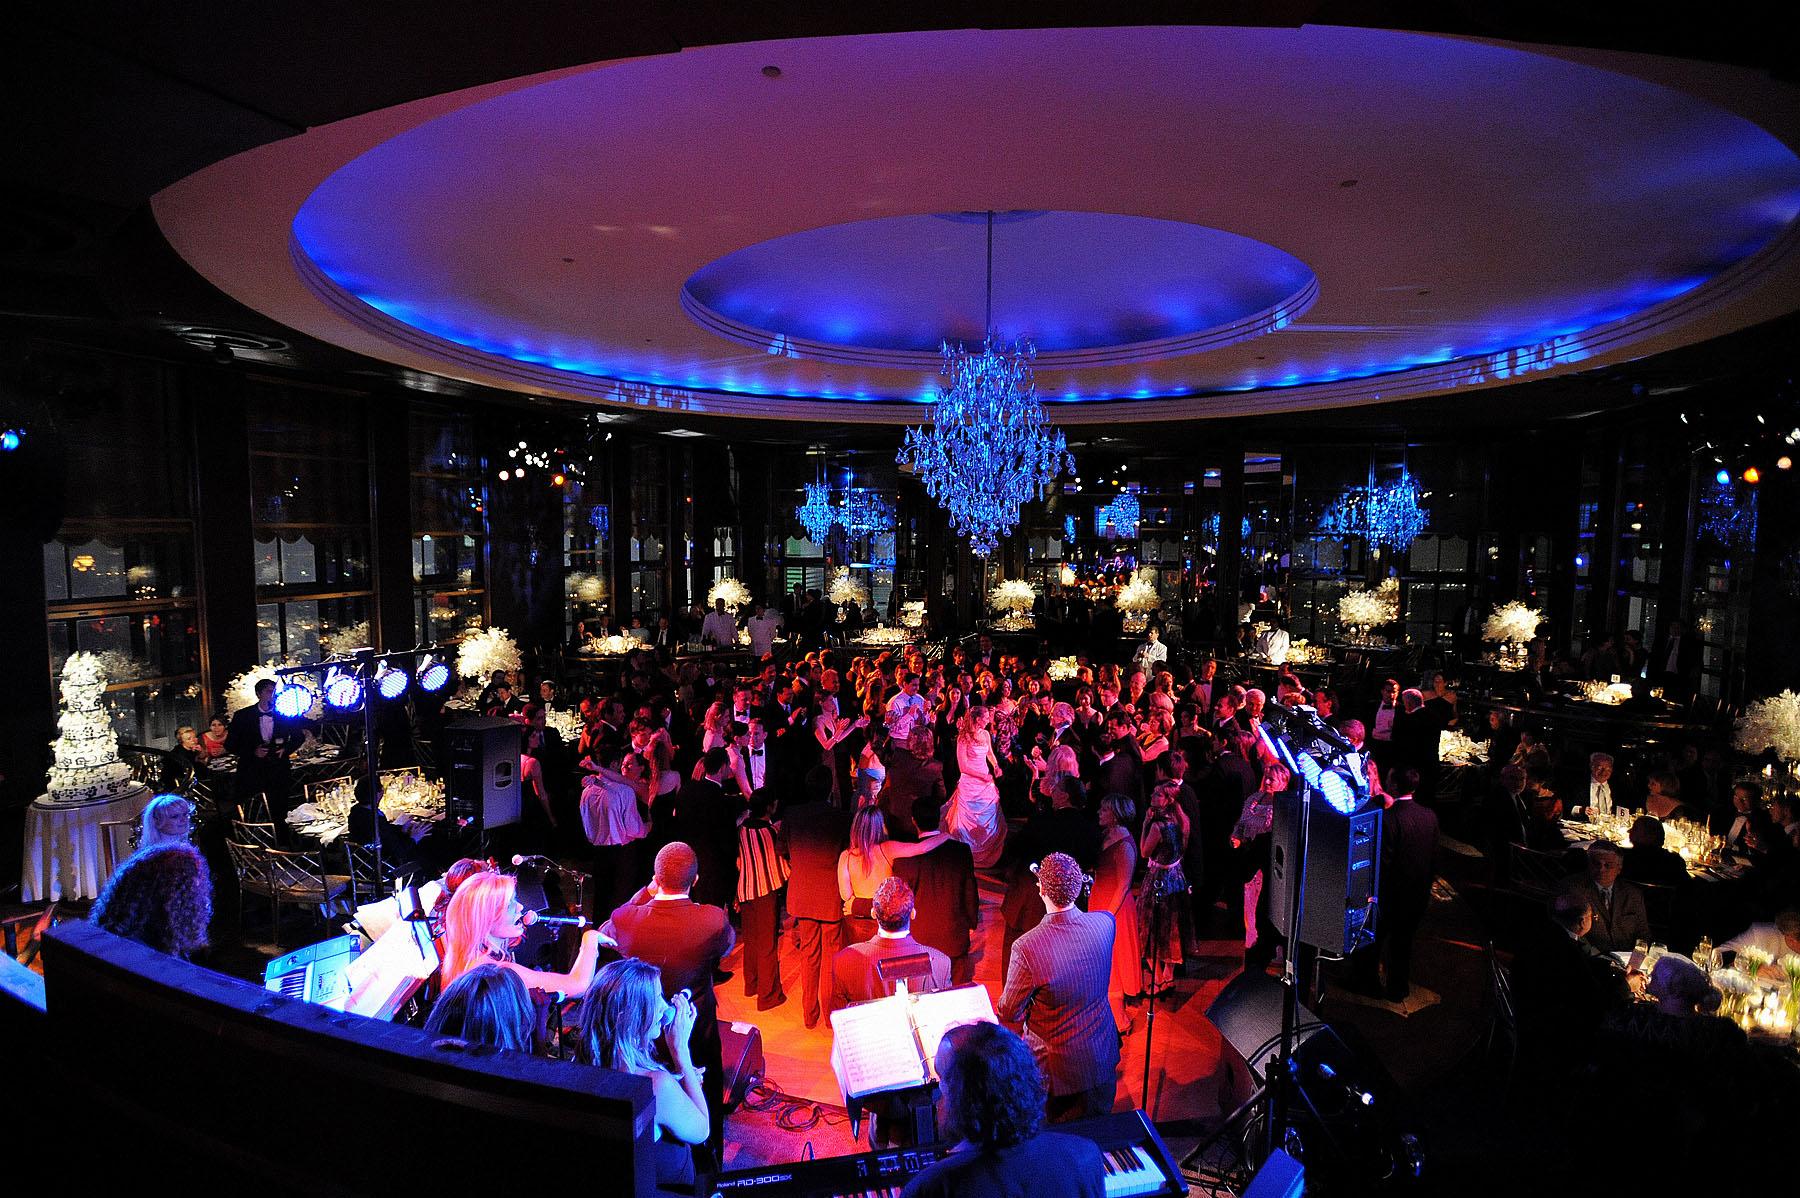 syd-brett_dance floor.jpg